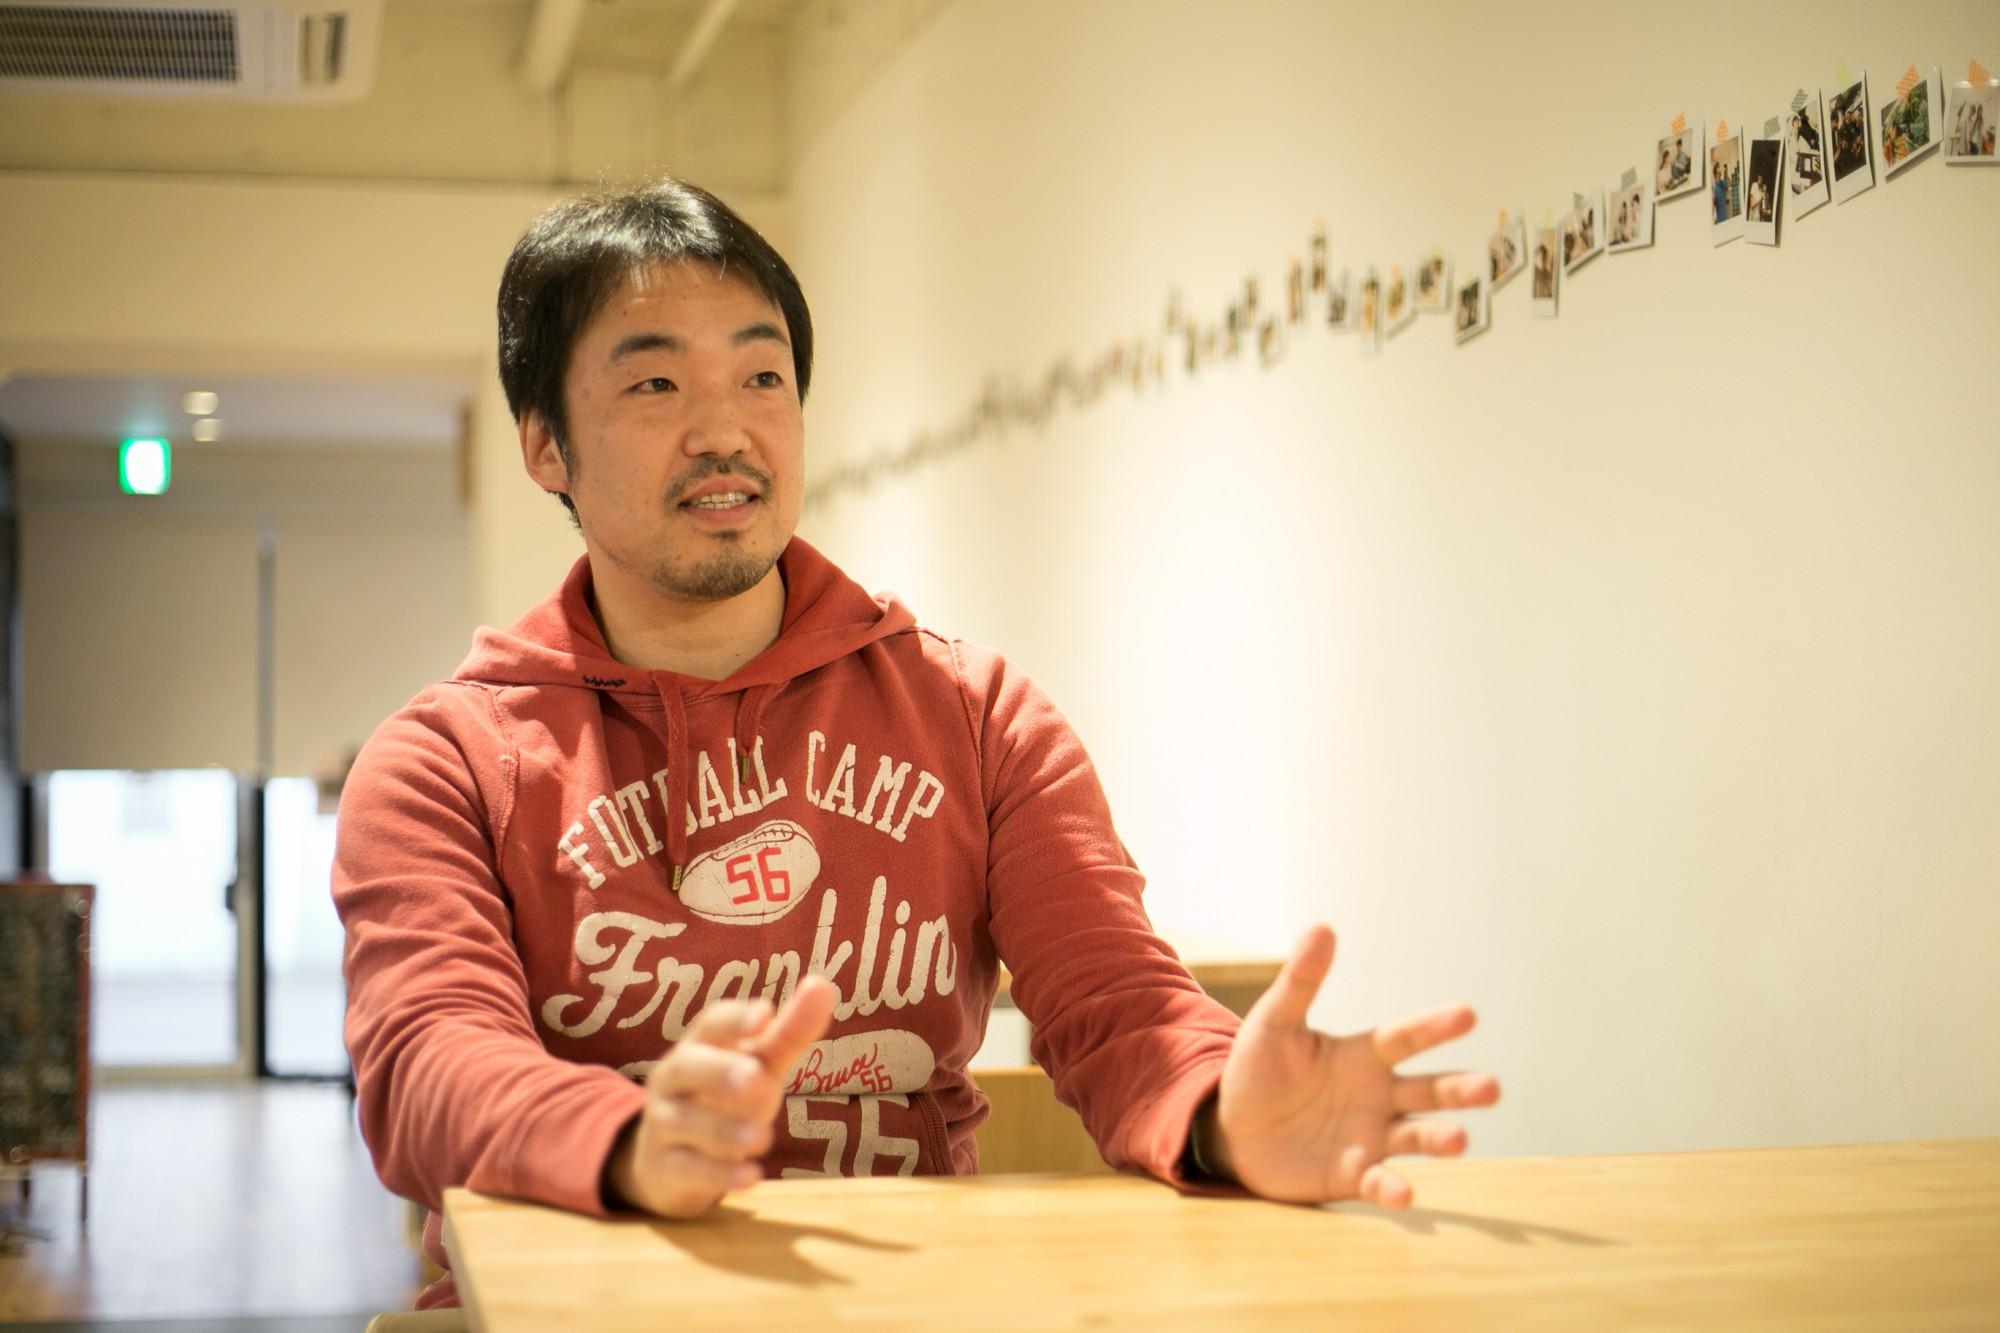 日本酒バルと与板のカネセ商店の仕事を兼任し、出張も多い菊口さんはいつも大忙し。彼をサポートしてくれる元気なスタッフを募集中!